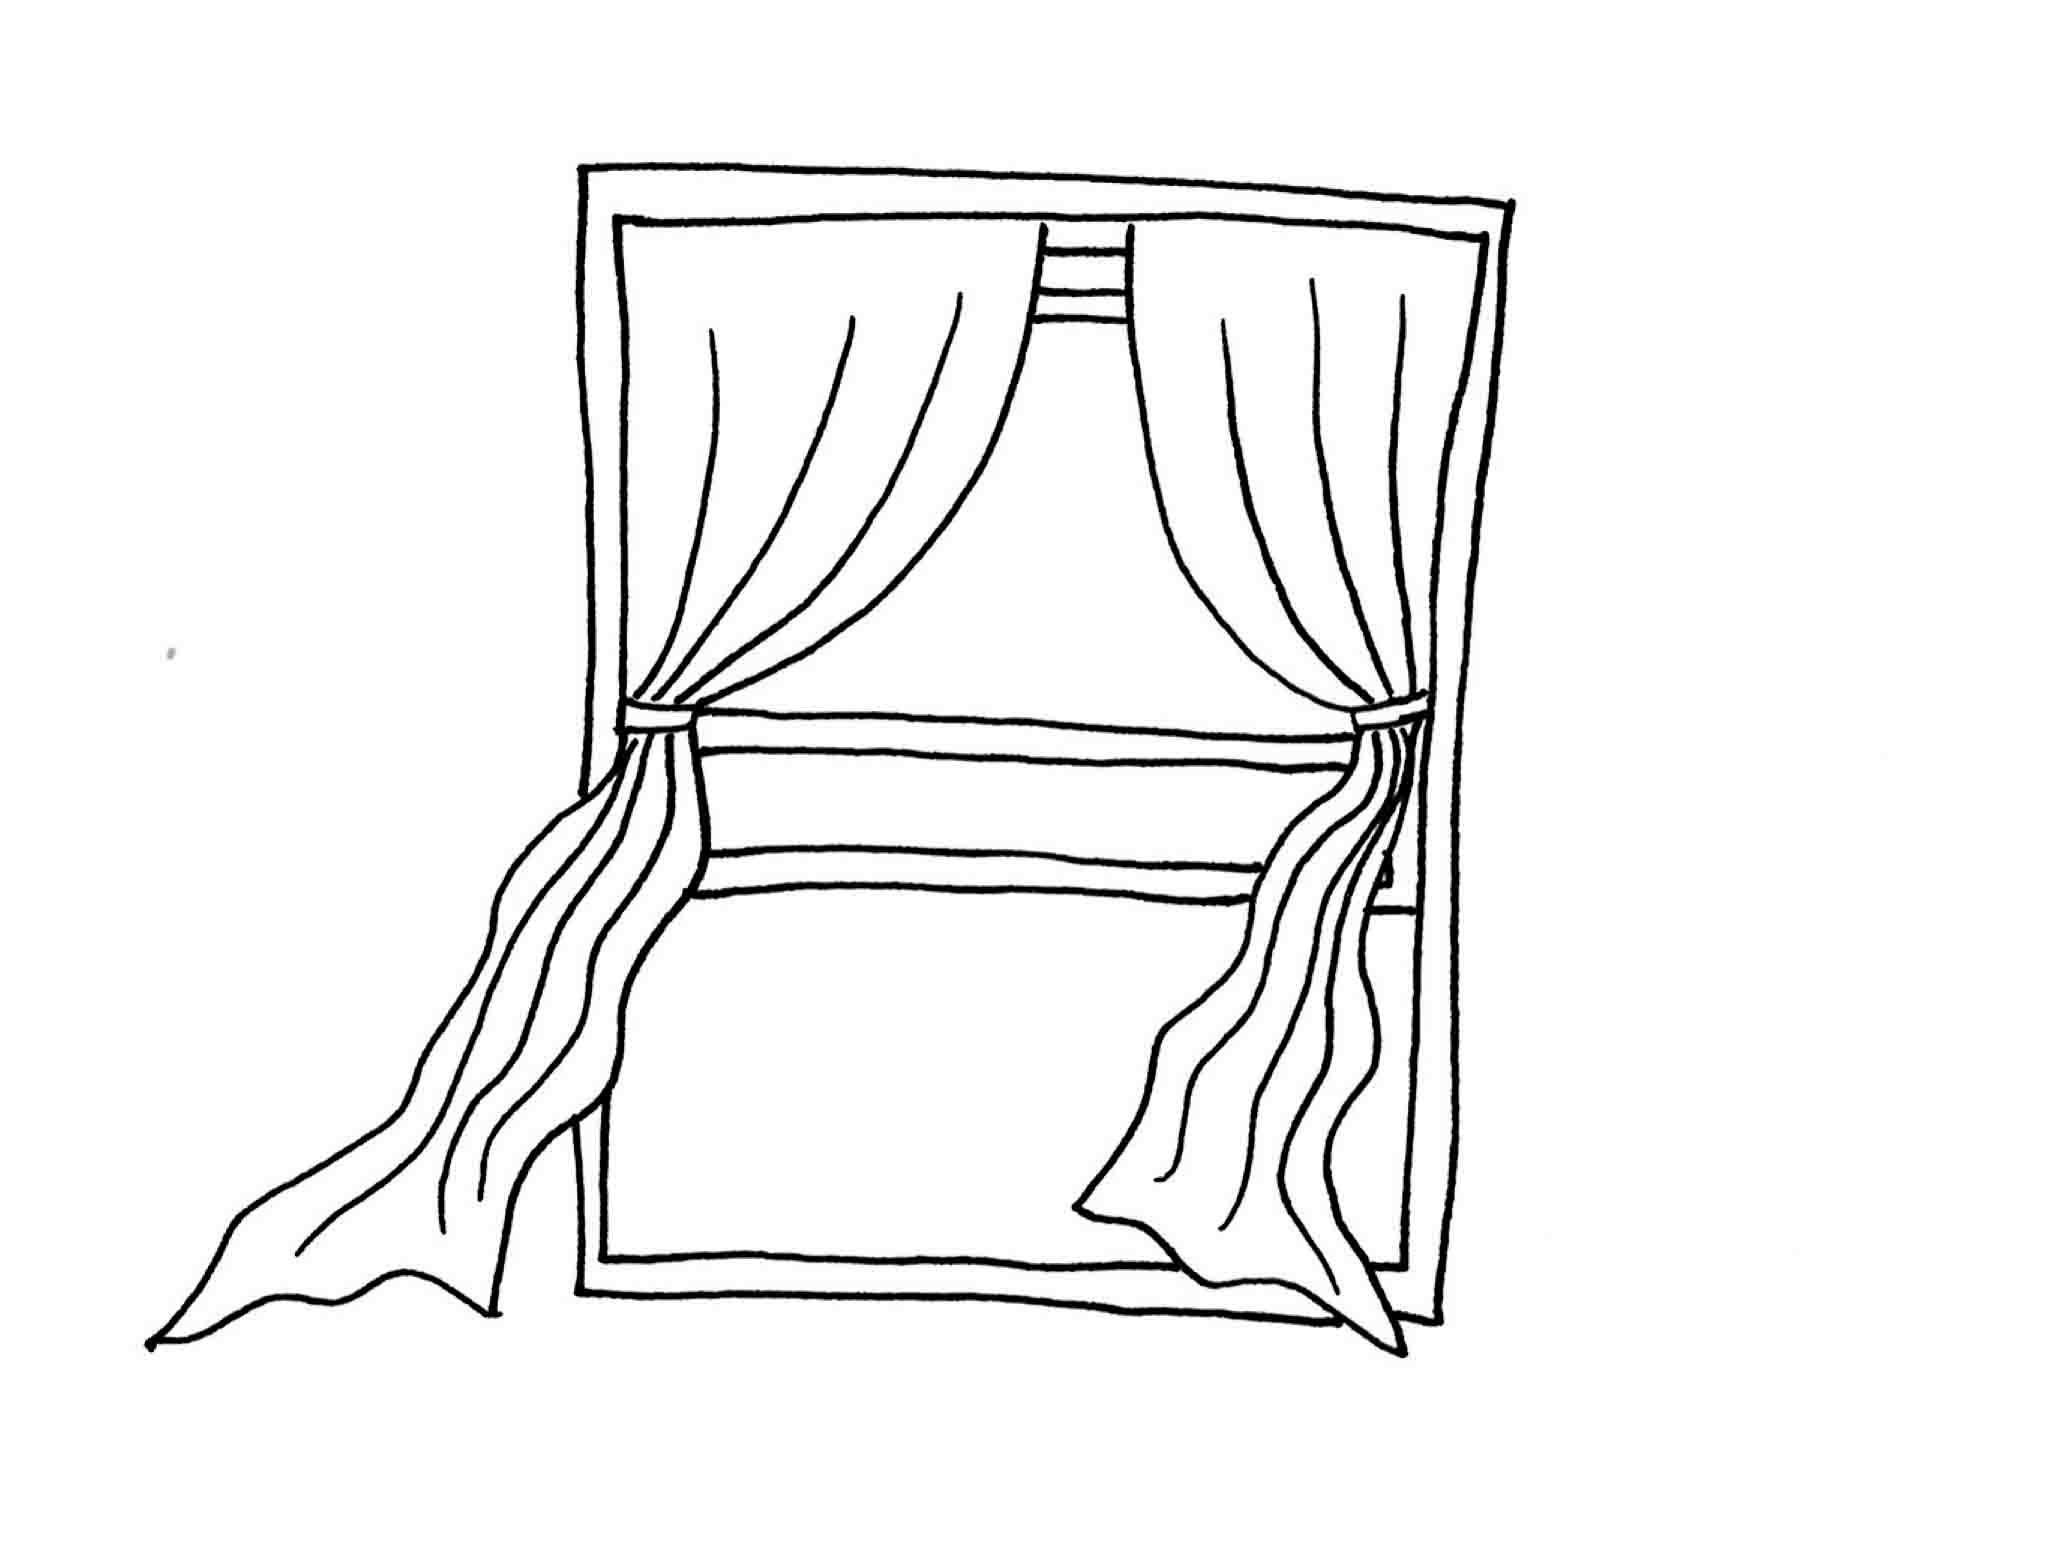 #666666 Desenho de Vento da janela para colorir Tudodesenhos 1538 Vedar Janelas Contra Vento